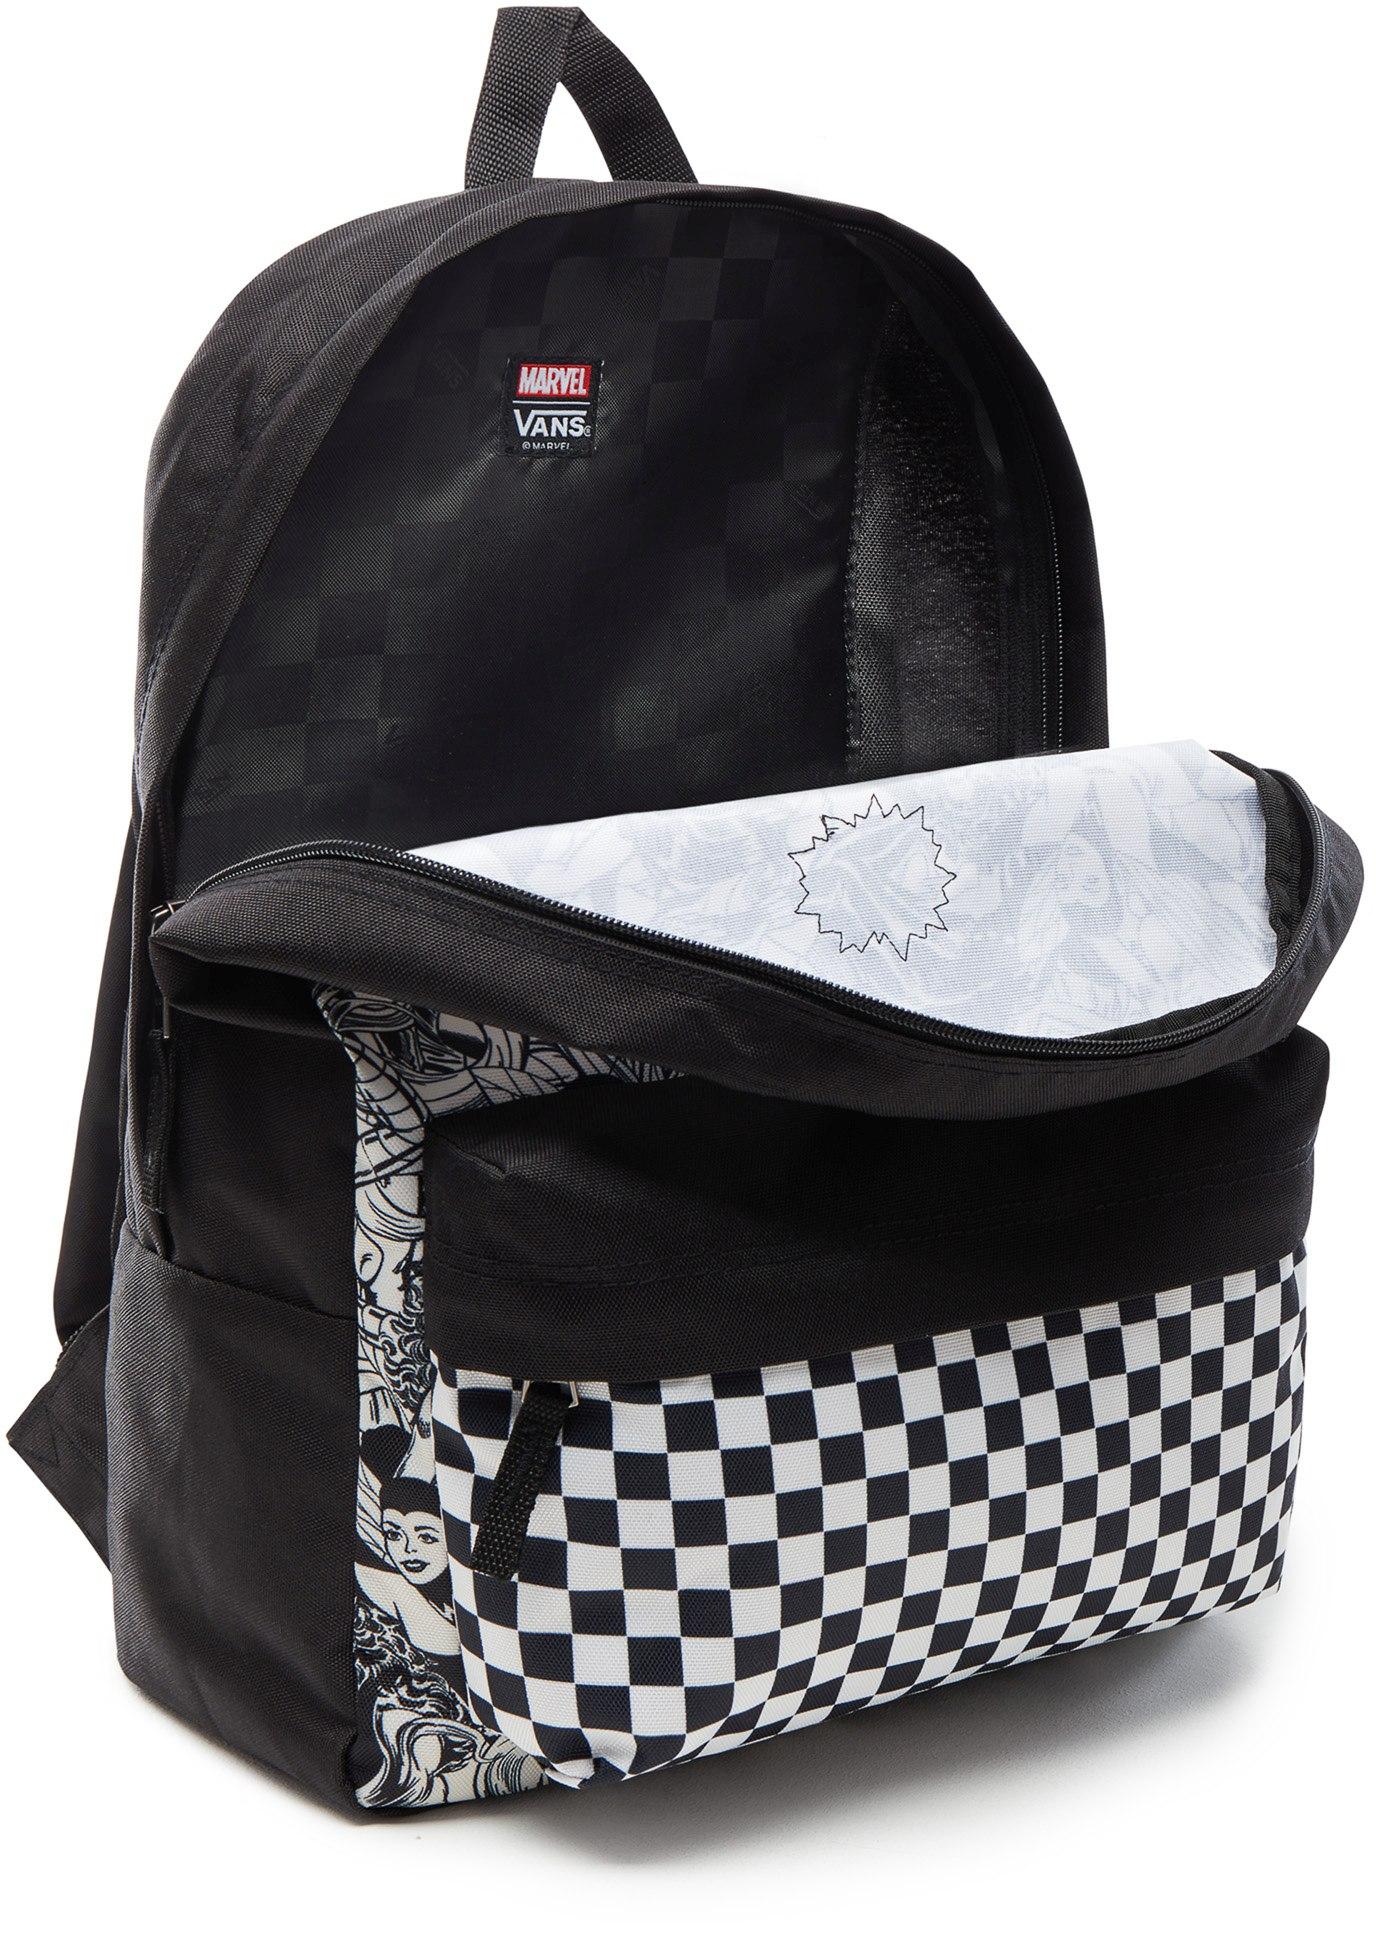 Vans WM MARVEL WOMEN REALM BACKPACK. Városi hátizsák. Városi hátizsák.  Városi hátizsák. Városi hátizsák deb1eafeca